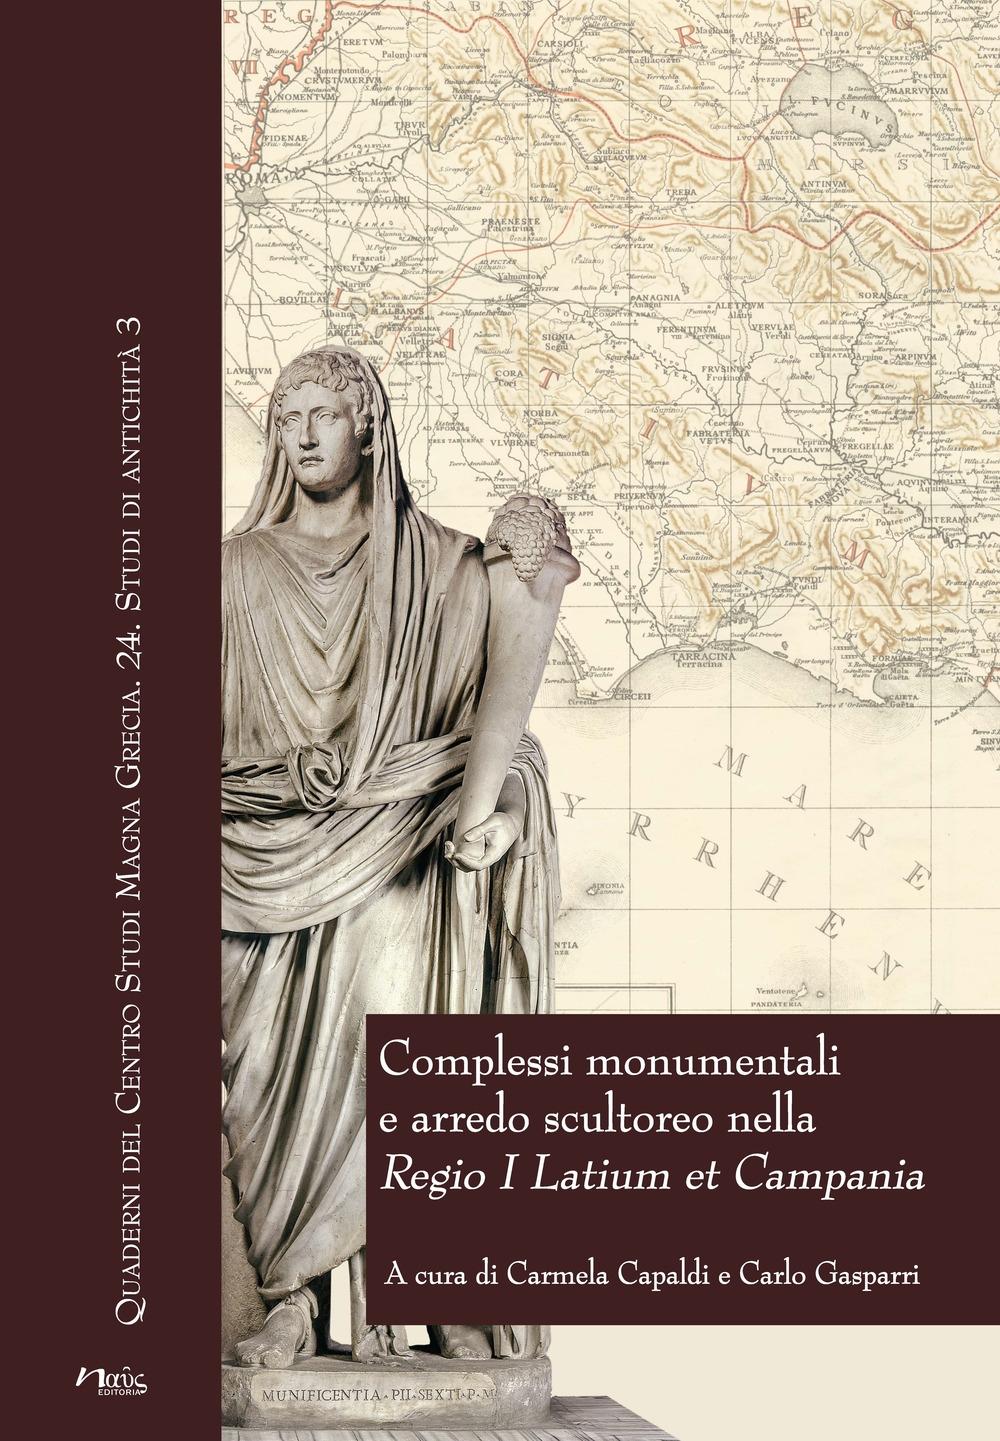 Complessi monumentali e arredo scultoreo nella Regio I Latium et Campania. Atti del Convegno (Napoli, 6 dicembre 2013)